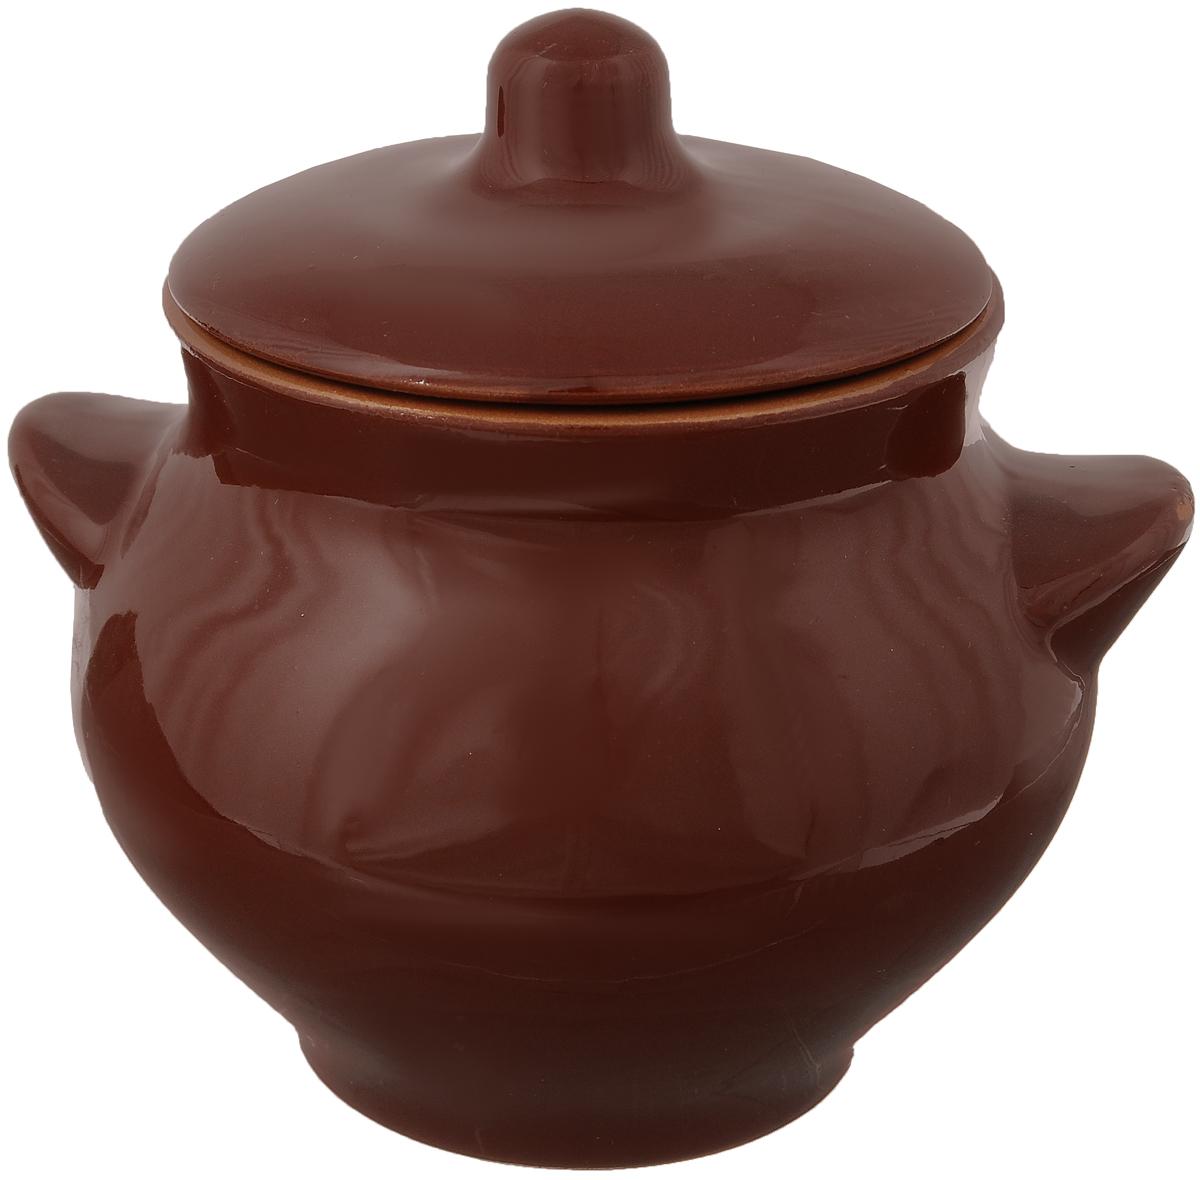 Горшочек для запекания Борисовская керамика Радуга, цвет: коричневый, 550 млРАД00000328_коричневыйГоршочек для запекания Борисовская керамика Радуга выполнен извысококачественной красной глины. Уникальные свойства красной глины итолстые стенки изделия обеспечивают эффект русской печи при приготовленииблюд. Блюда, приготовленные в таком горшочке, получаются нежными и сочными. Вы сможете приготовить мясо, сделать томленые овощи и все это безкапли масла. Это один из самых здоровых способов готовки.Диаметр горшка (по верхнему краю): 9,5 см. Высота стенок: 11 см.